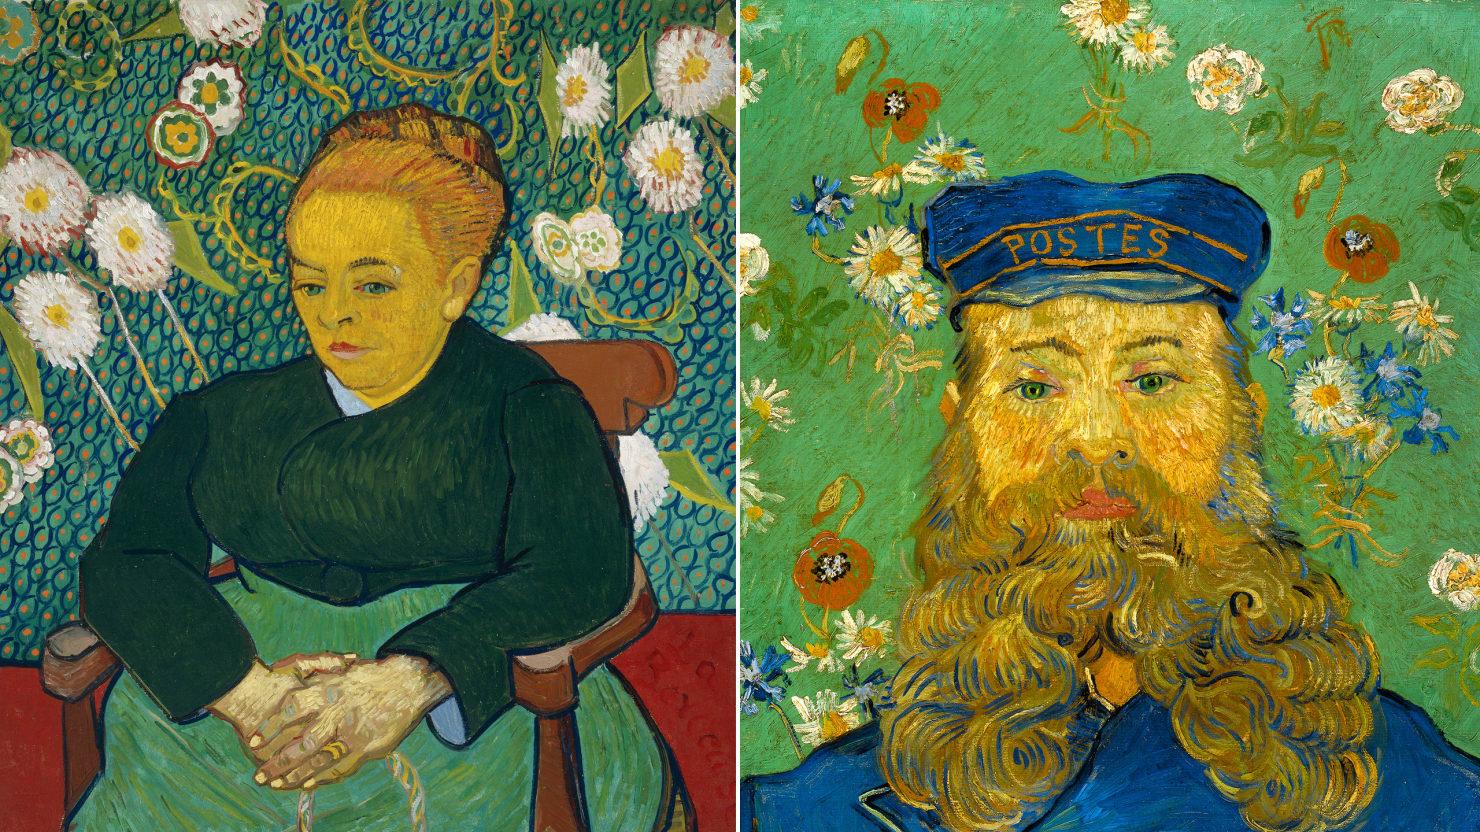 Van Gogh's 'Repetitions' Opens in D.C.